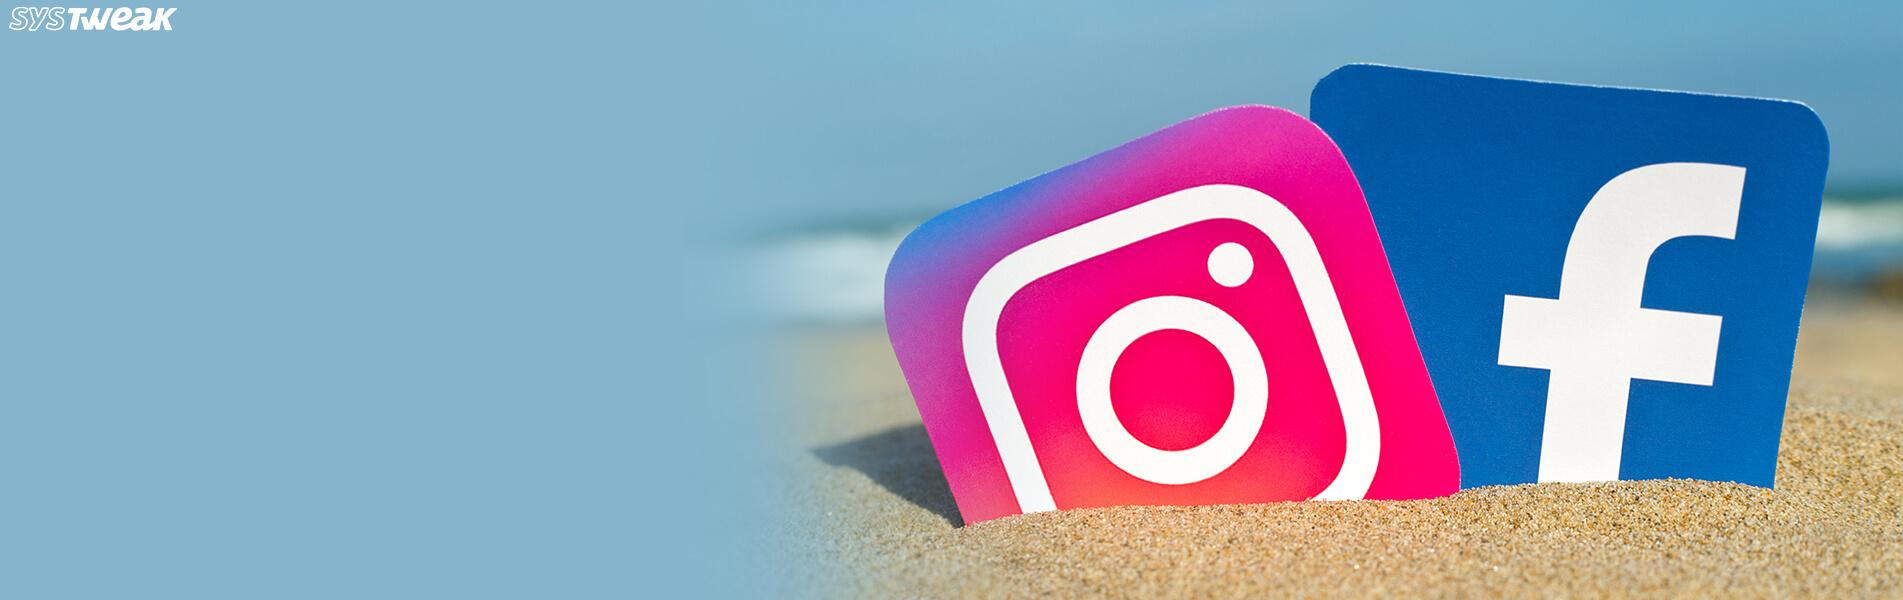 How to Unlink Facebook & Instagram Accounts